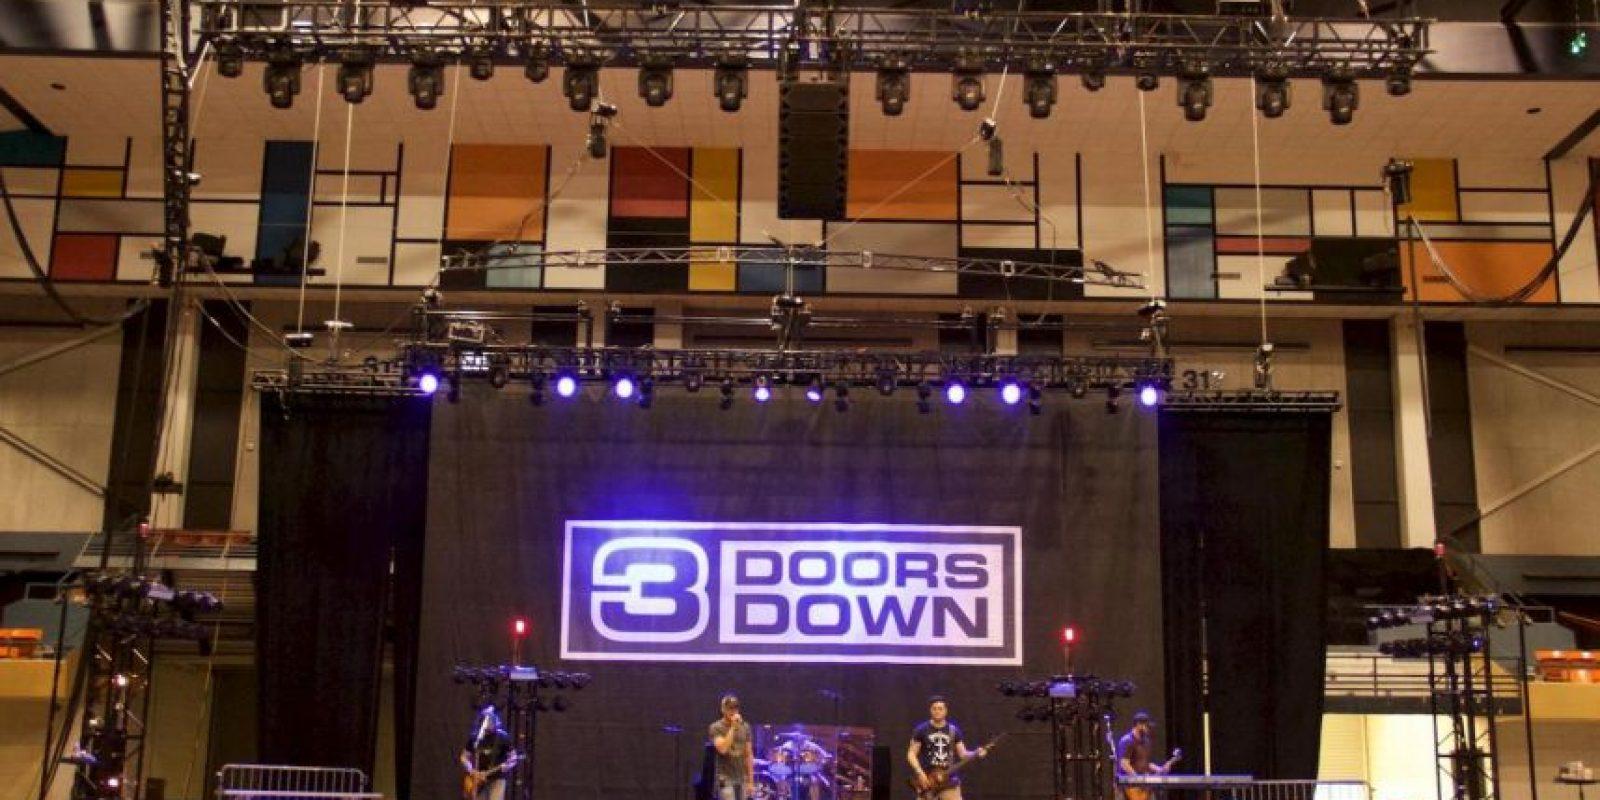 Forma parte de la banda 3 Doors Down. Foto:vía facebook.com/3DoorsDown